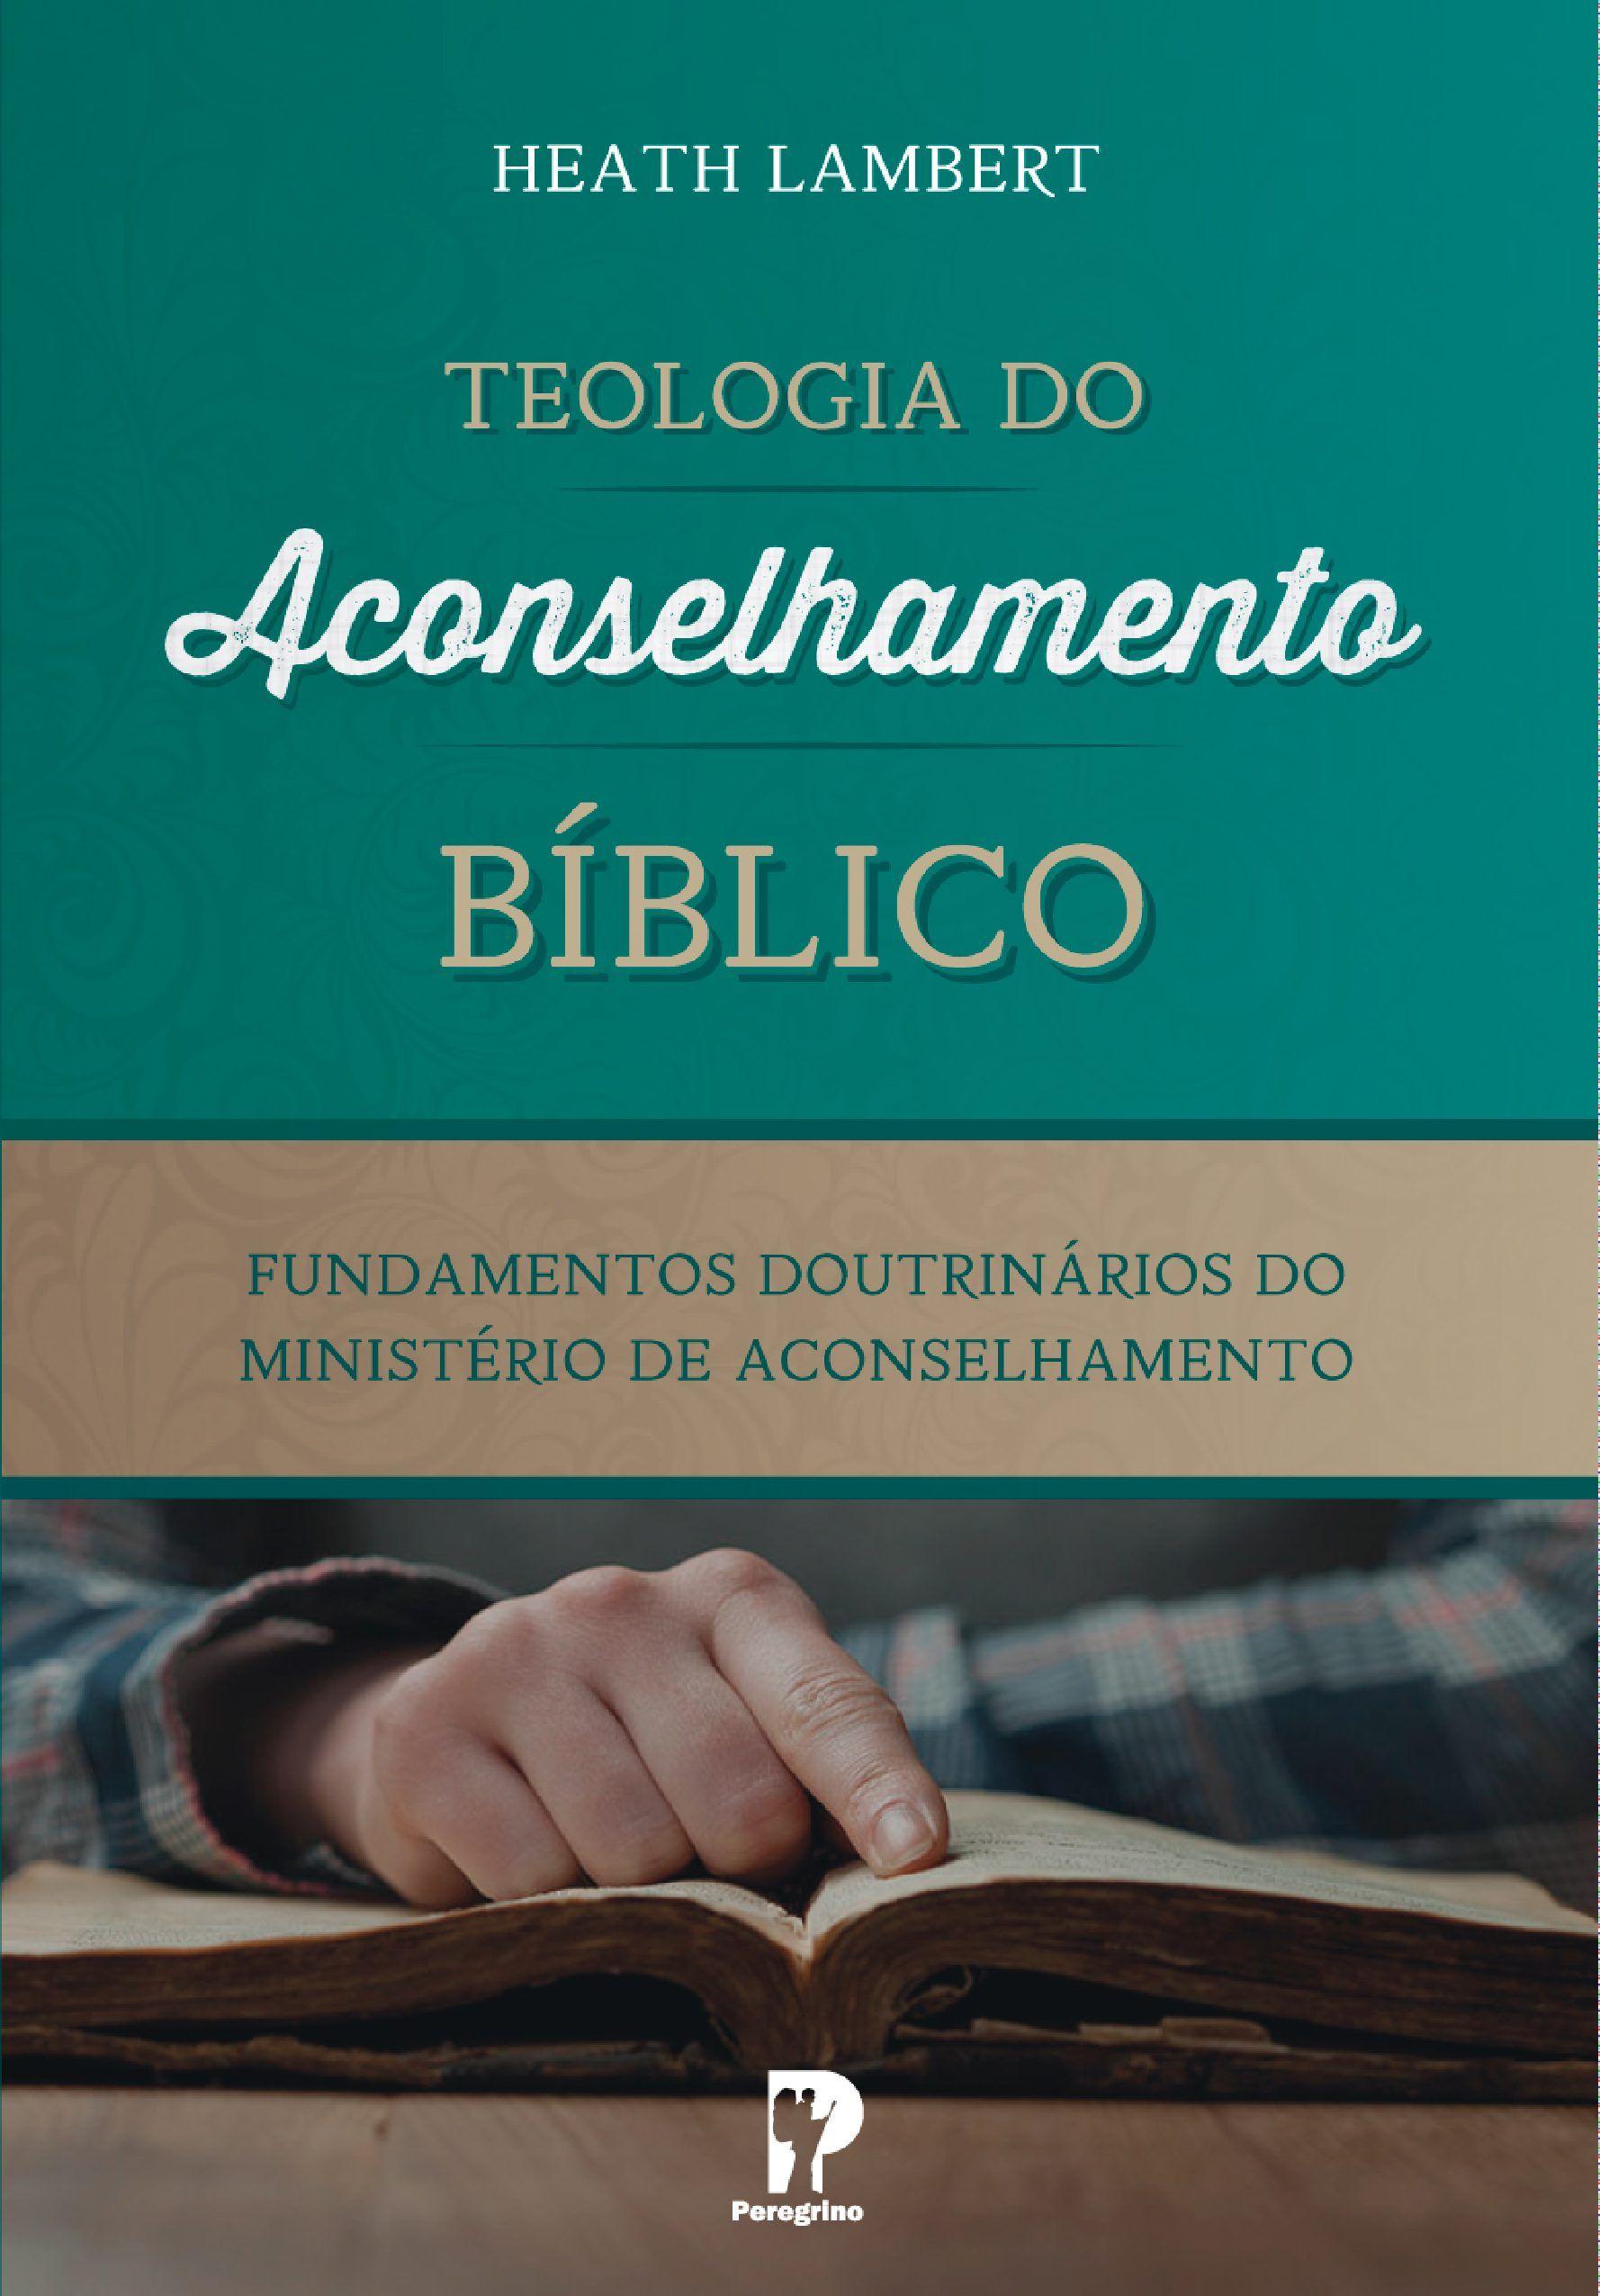 Teologia Do Aconselhamento Biblico Teologia Livros Evangelicos